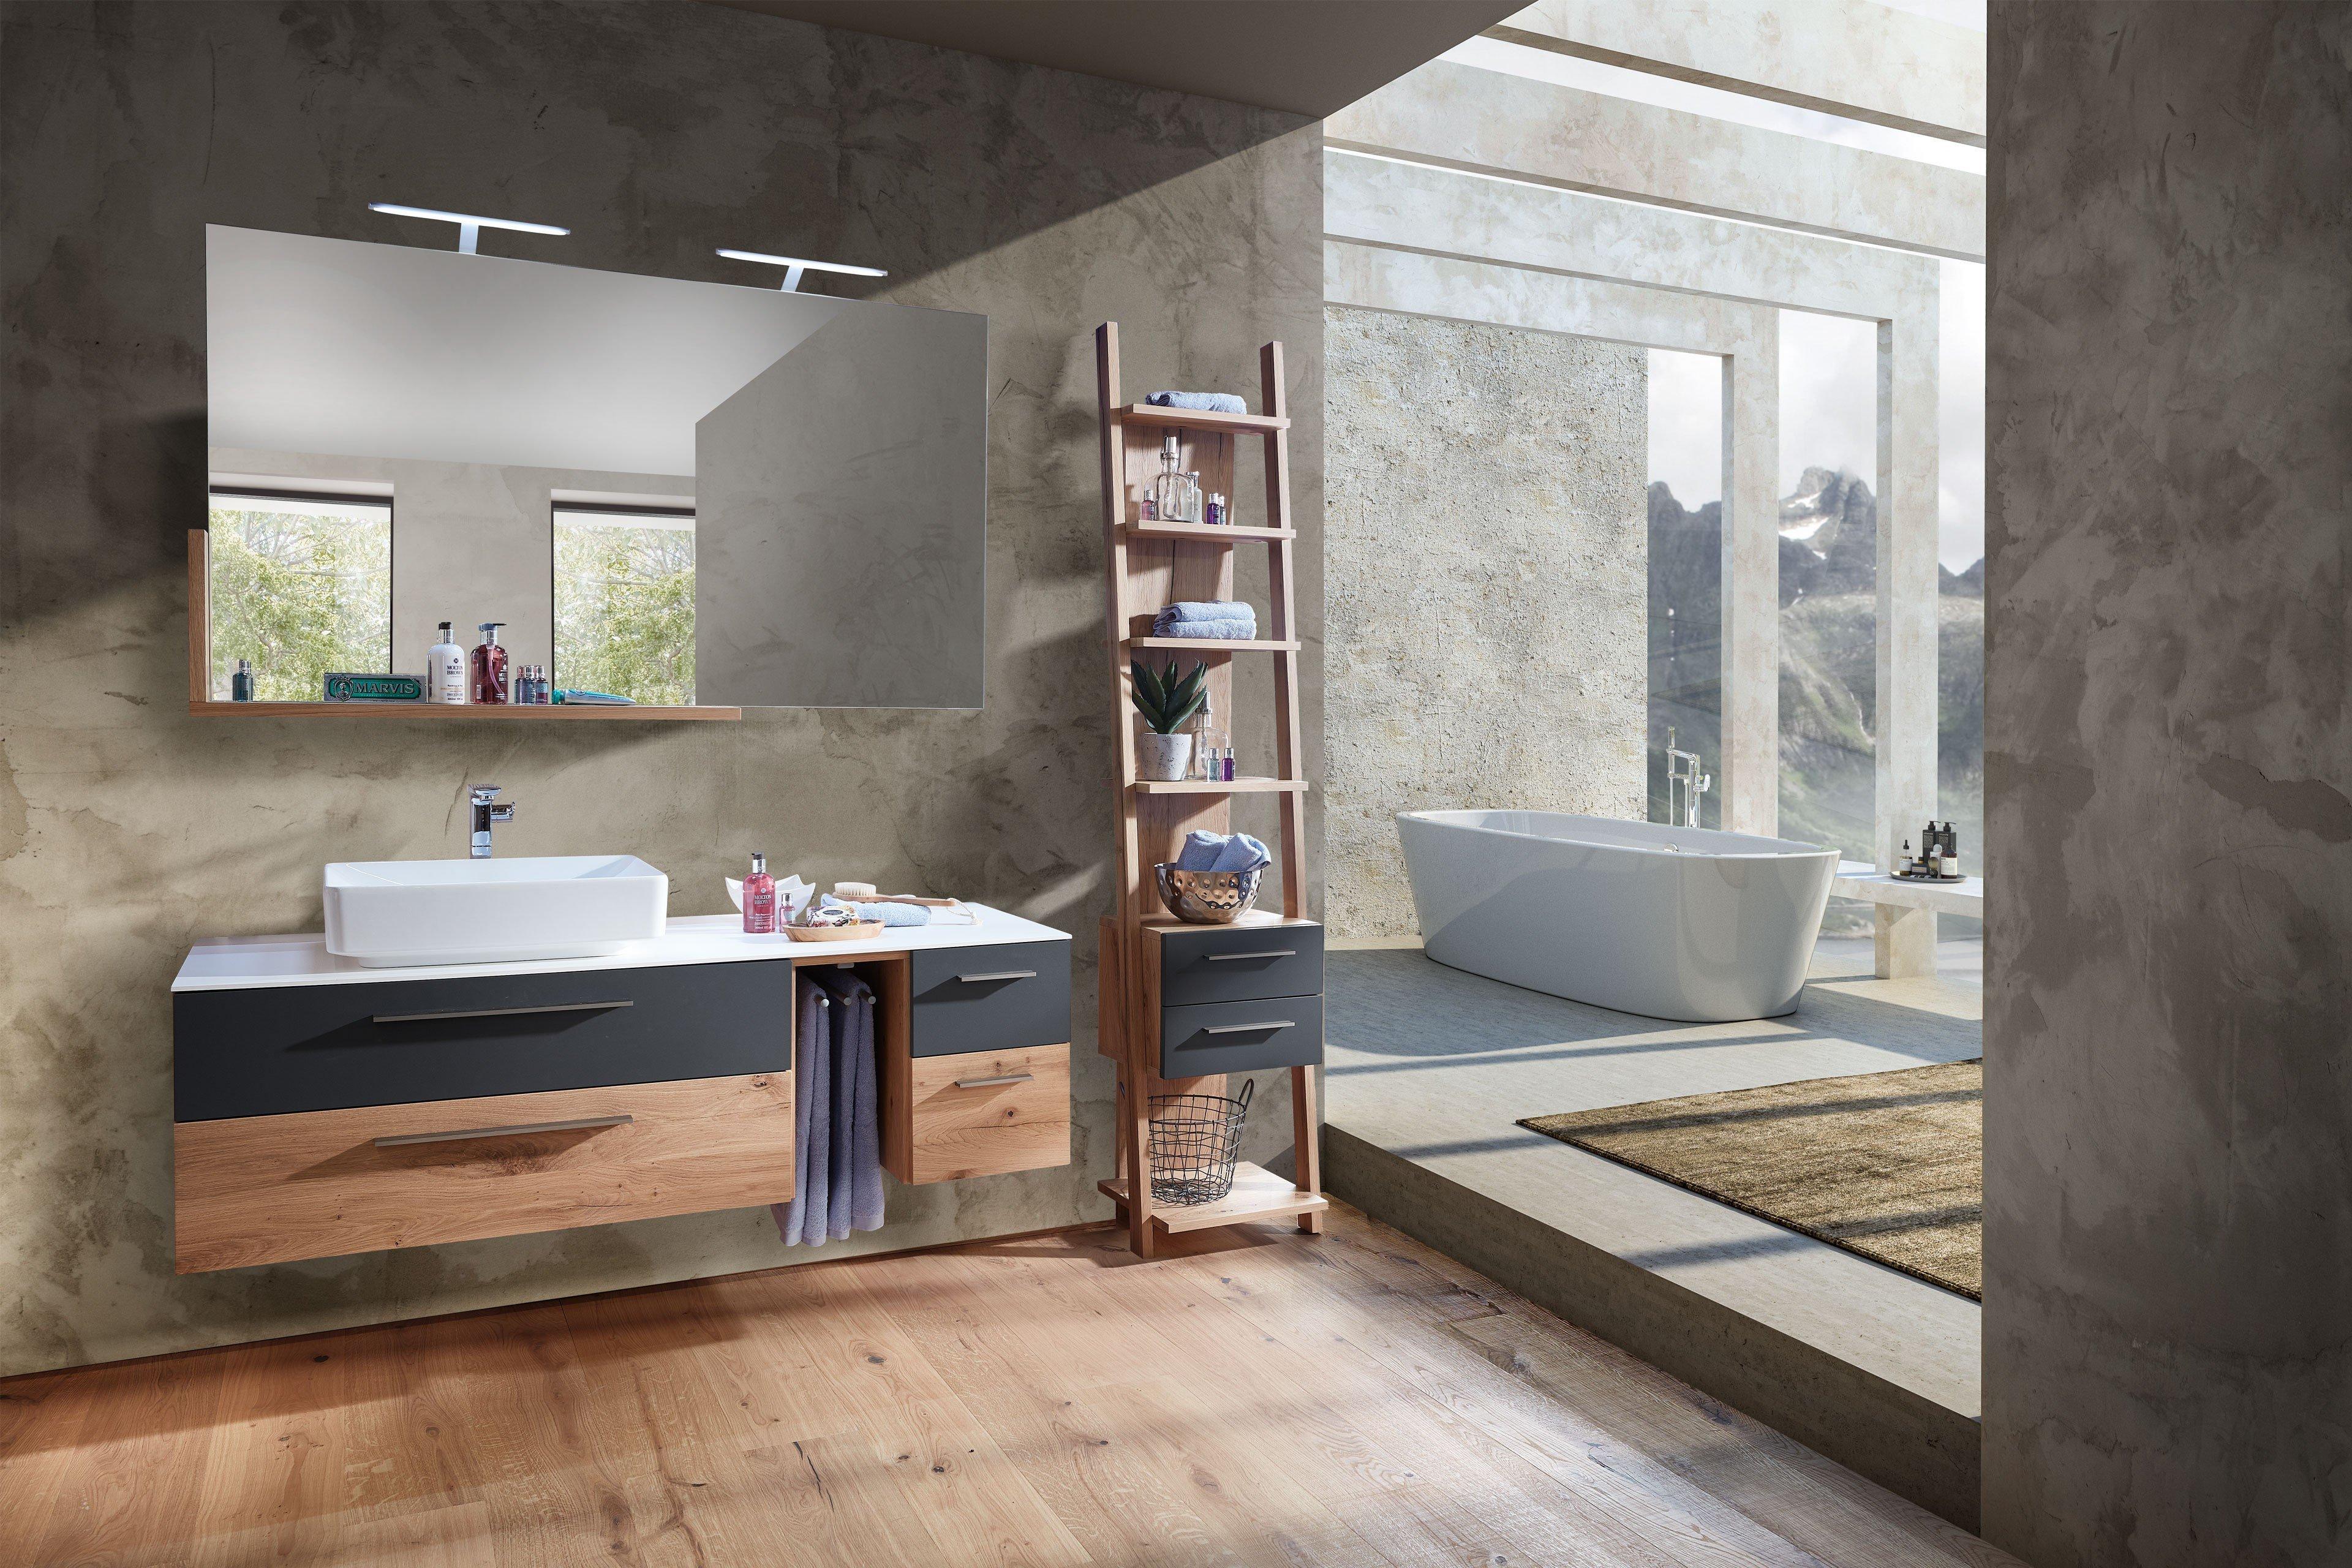 Kitzalm Alpenflair von Schröder - Badezimmer in Lack anthrazit